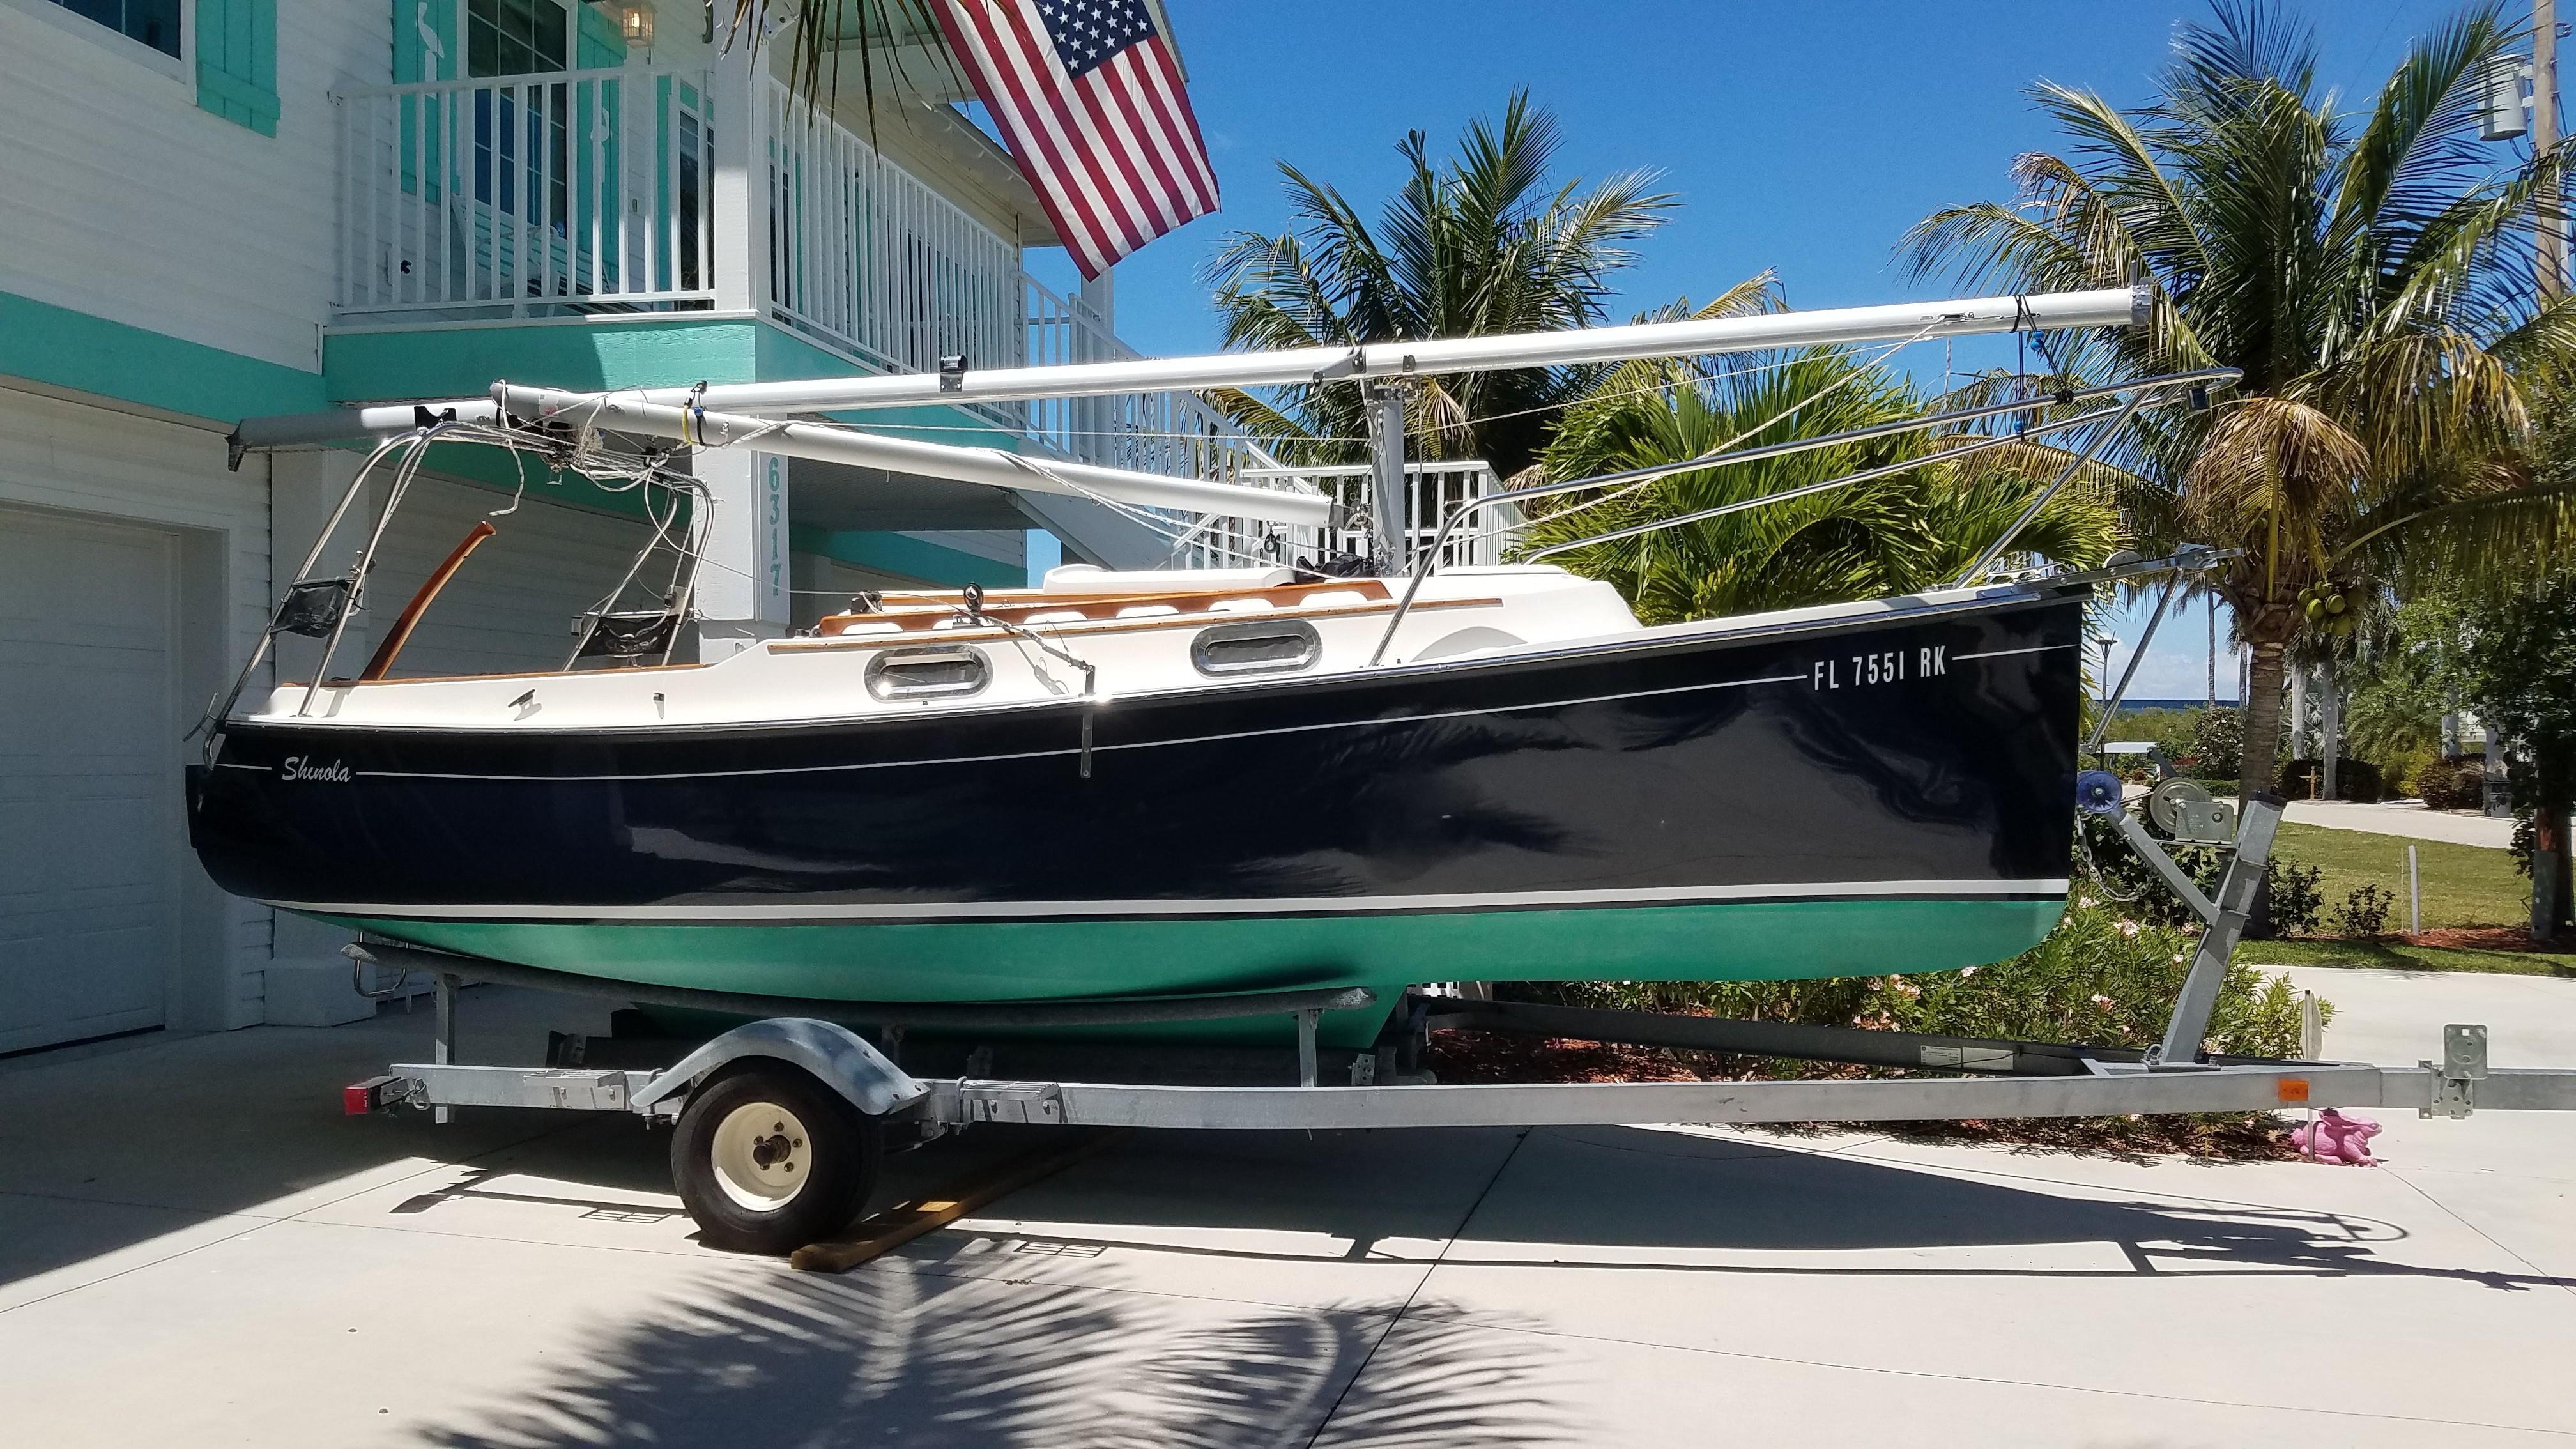 2007 Com-Pac Eclipse, Bokeelia Florida - boats com